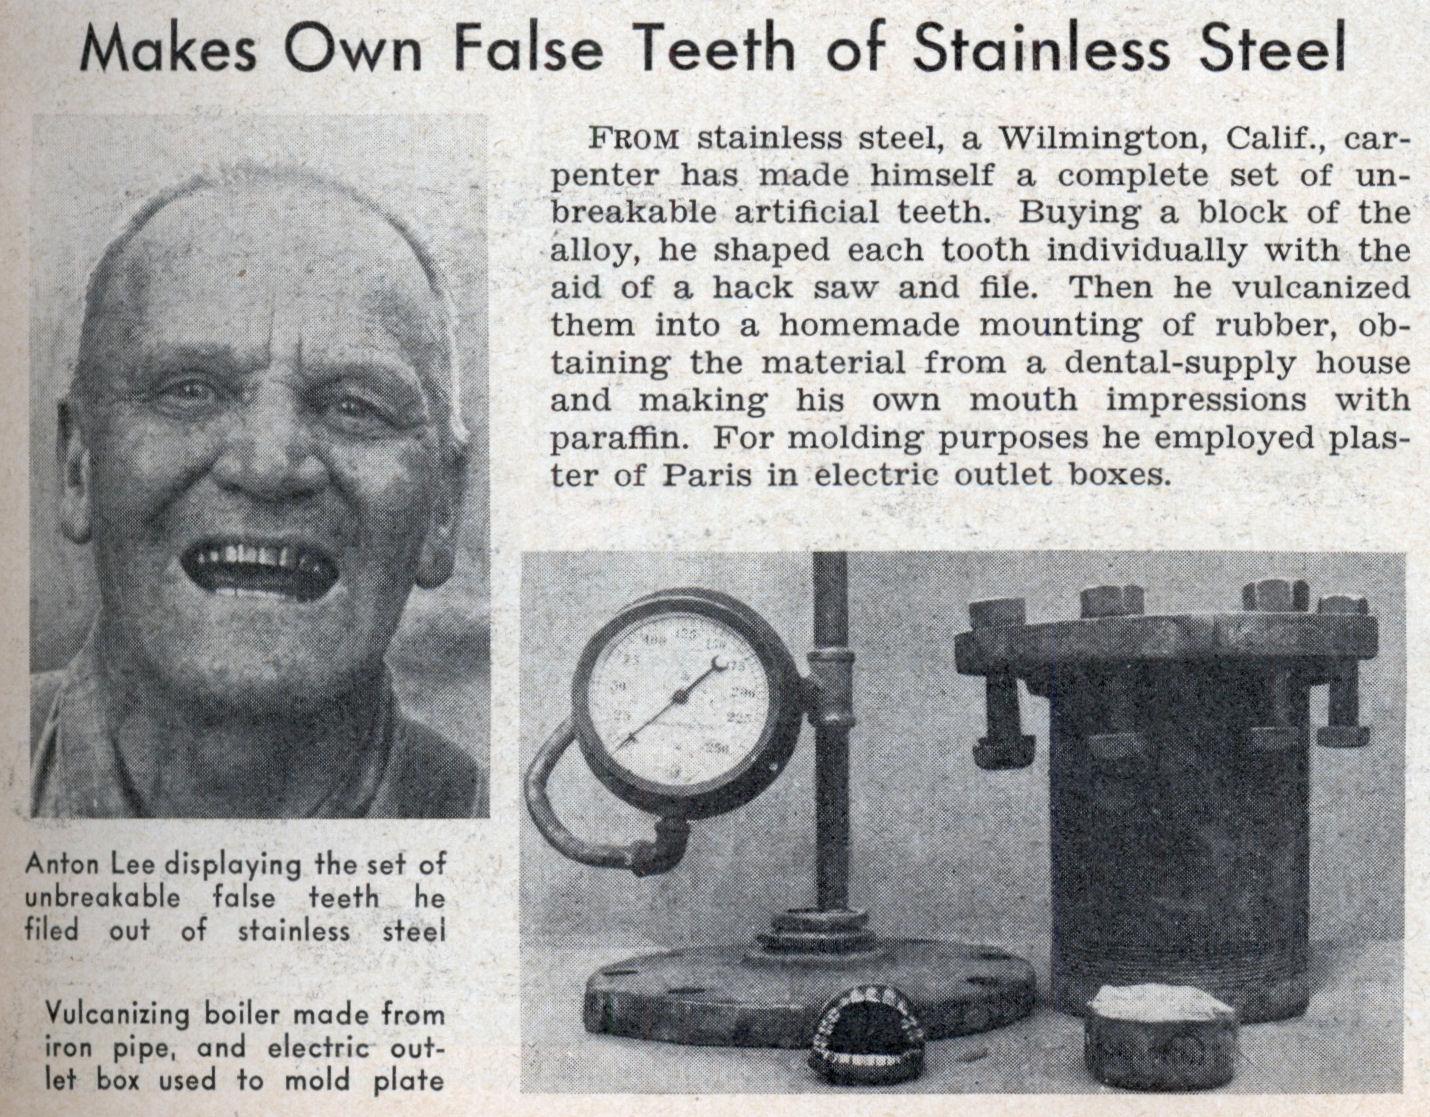 man_makes_fake_teeth-jpg.43725